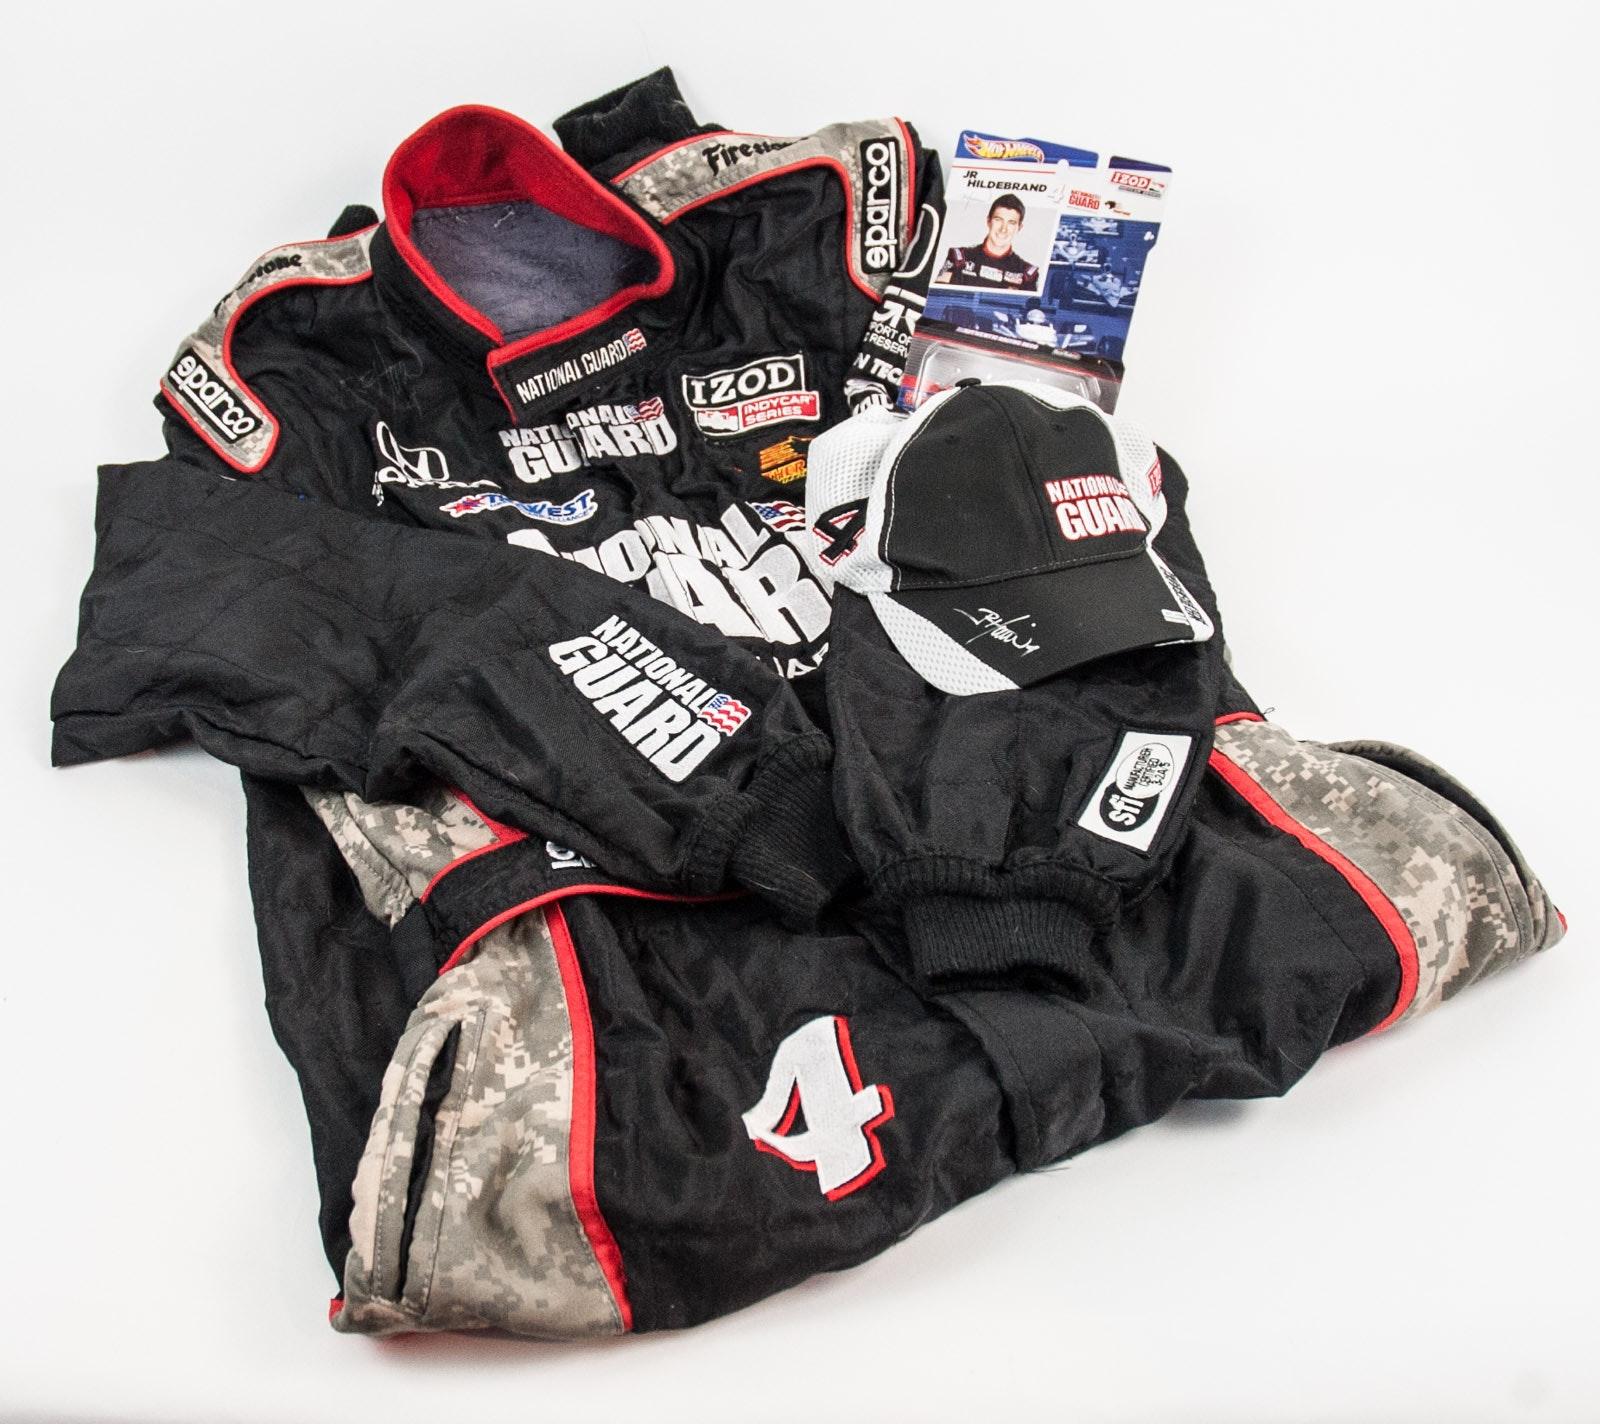 Autographed J. R. Hildebrand Racing Suit